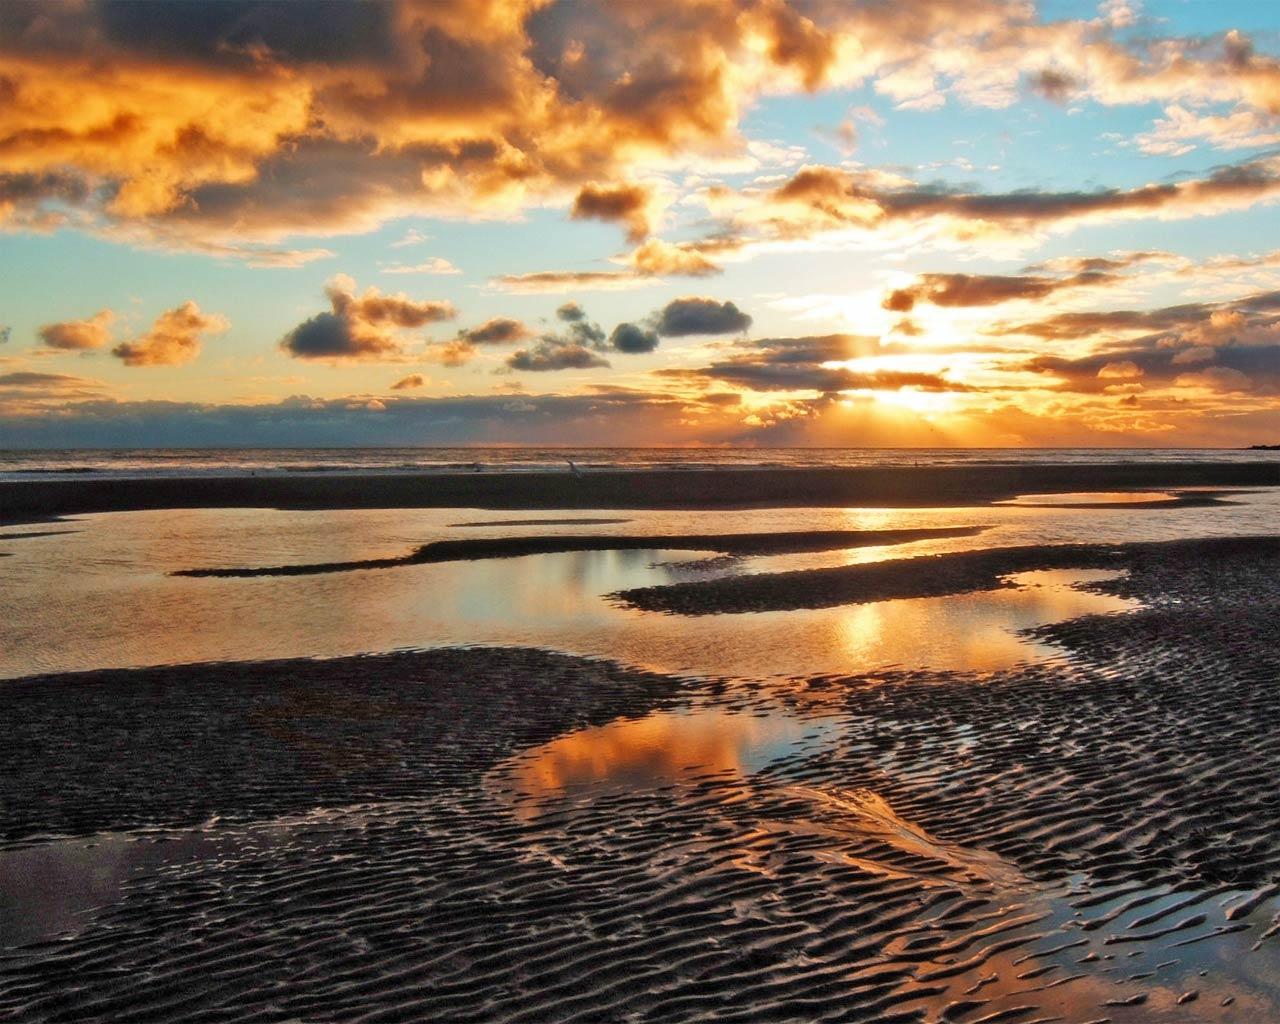 sunset wallpaper desktop Beach wallpaper desktopDesktop Backgrounds 1280x1024